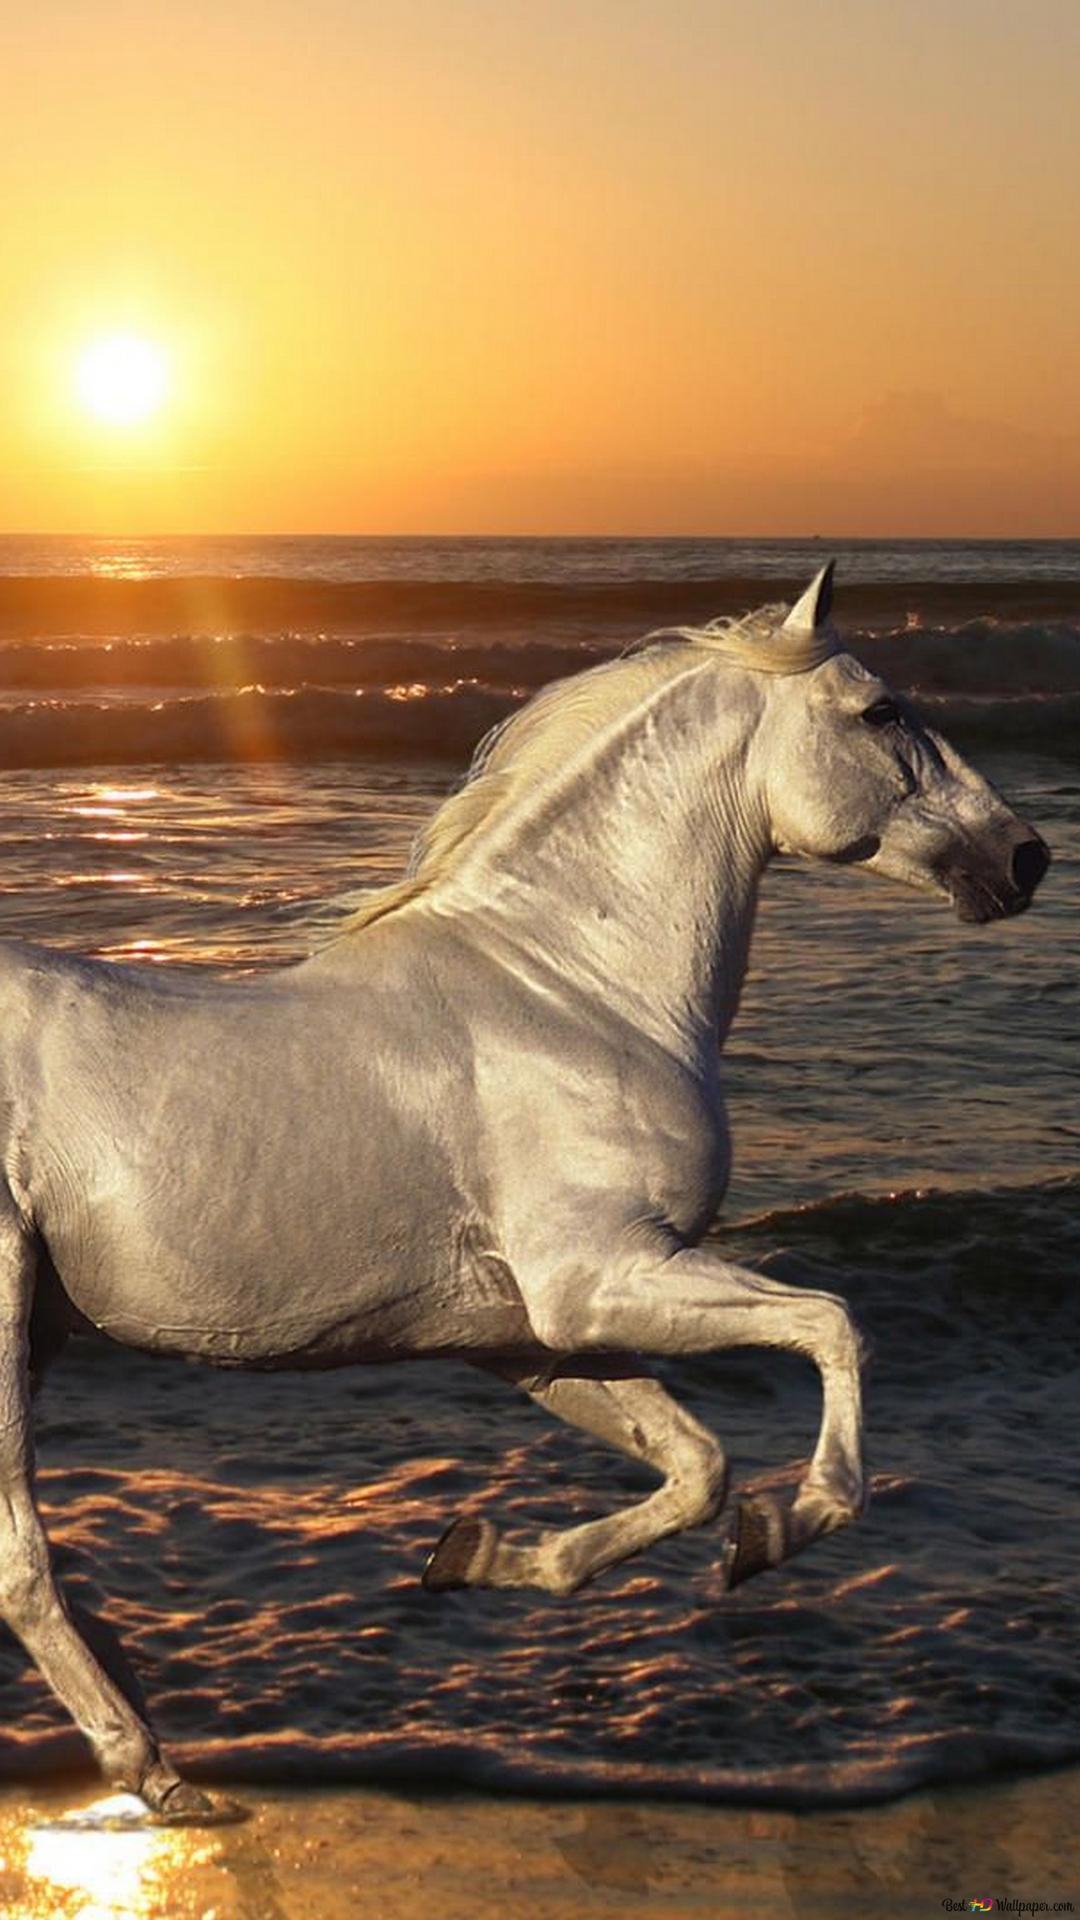 馬在海灘上運行高清壁紙下載